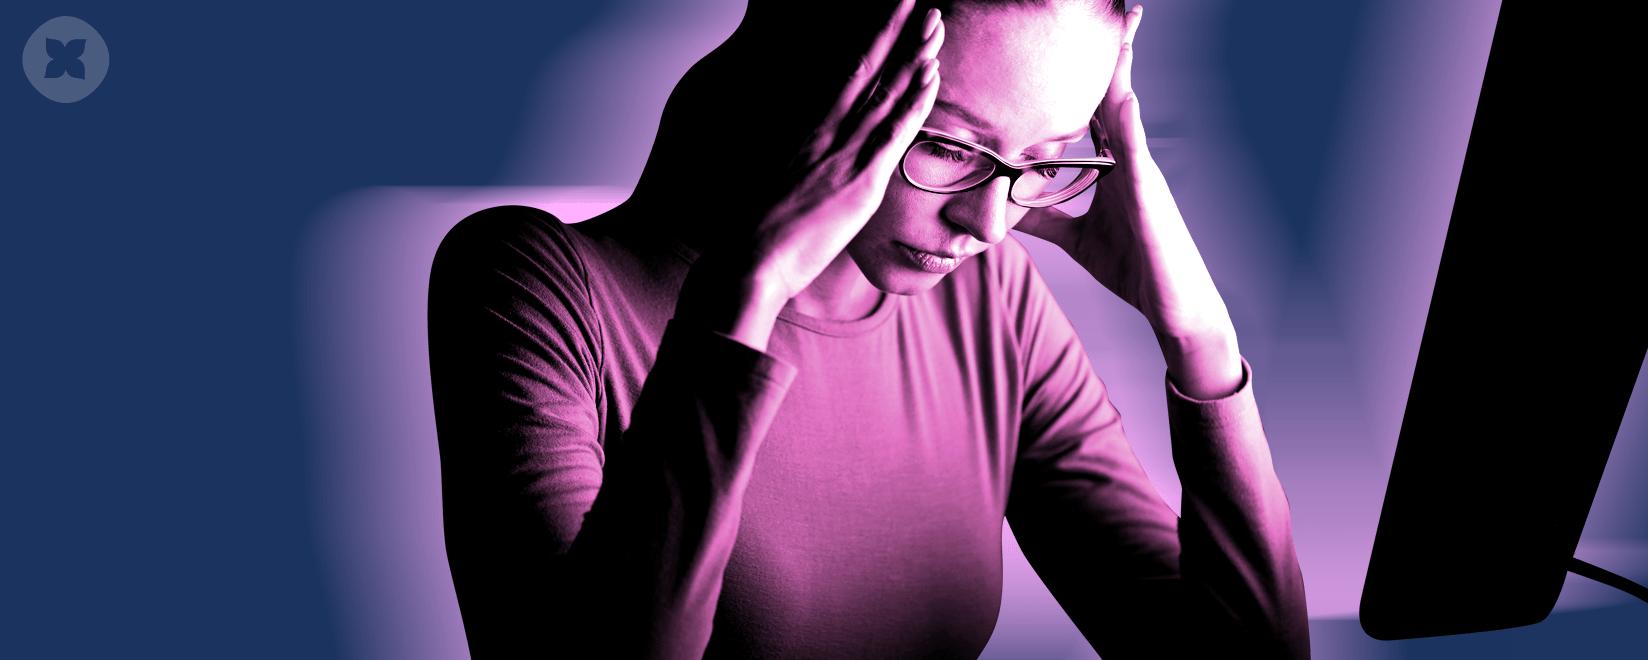 Стресс: почему он нам необходим, к чему приводит длительный стресс и как развить стрессоустойчивость | HURMA